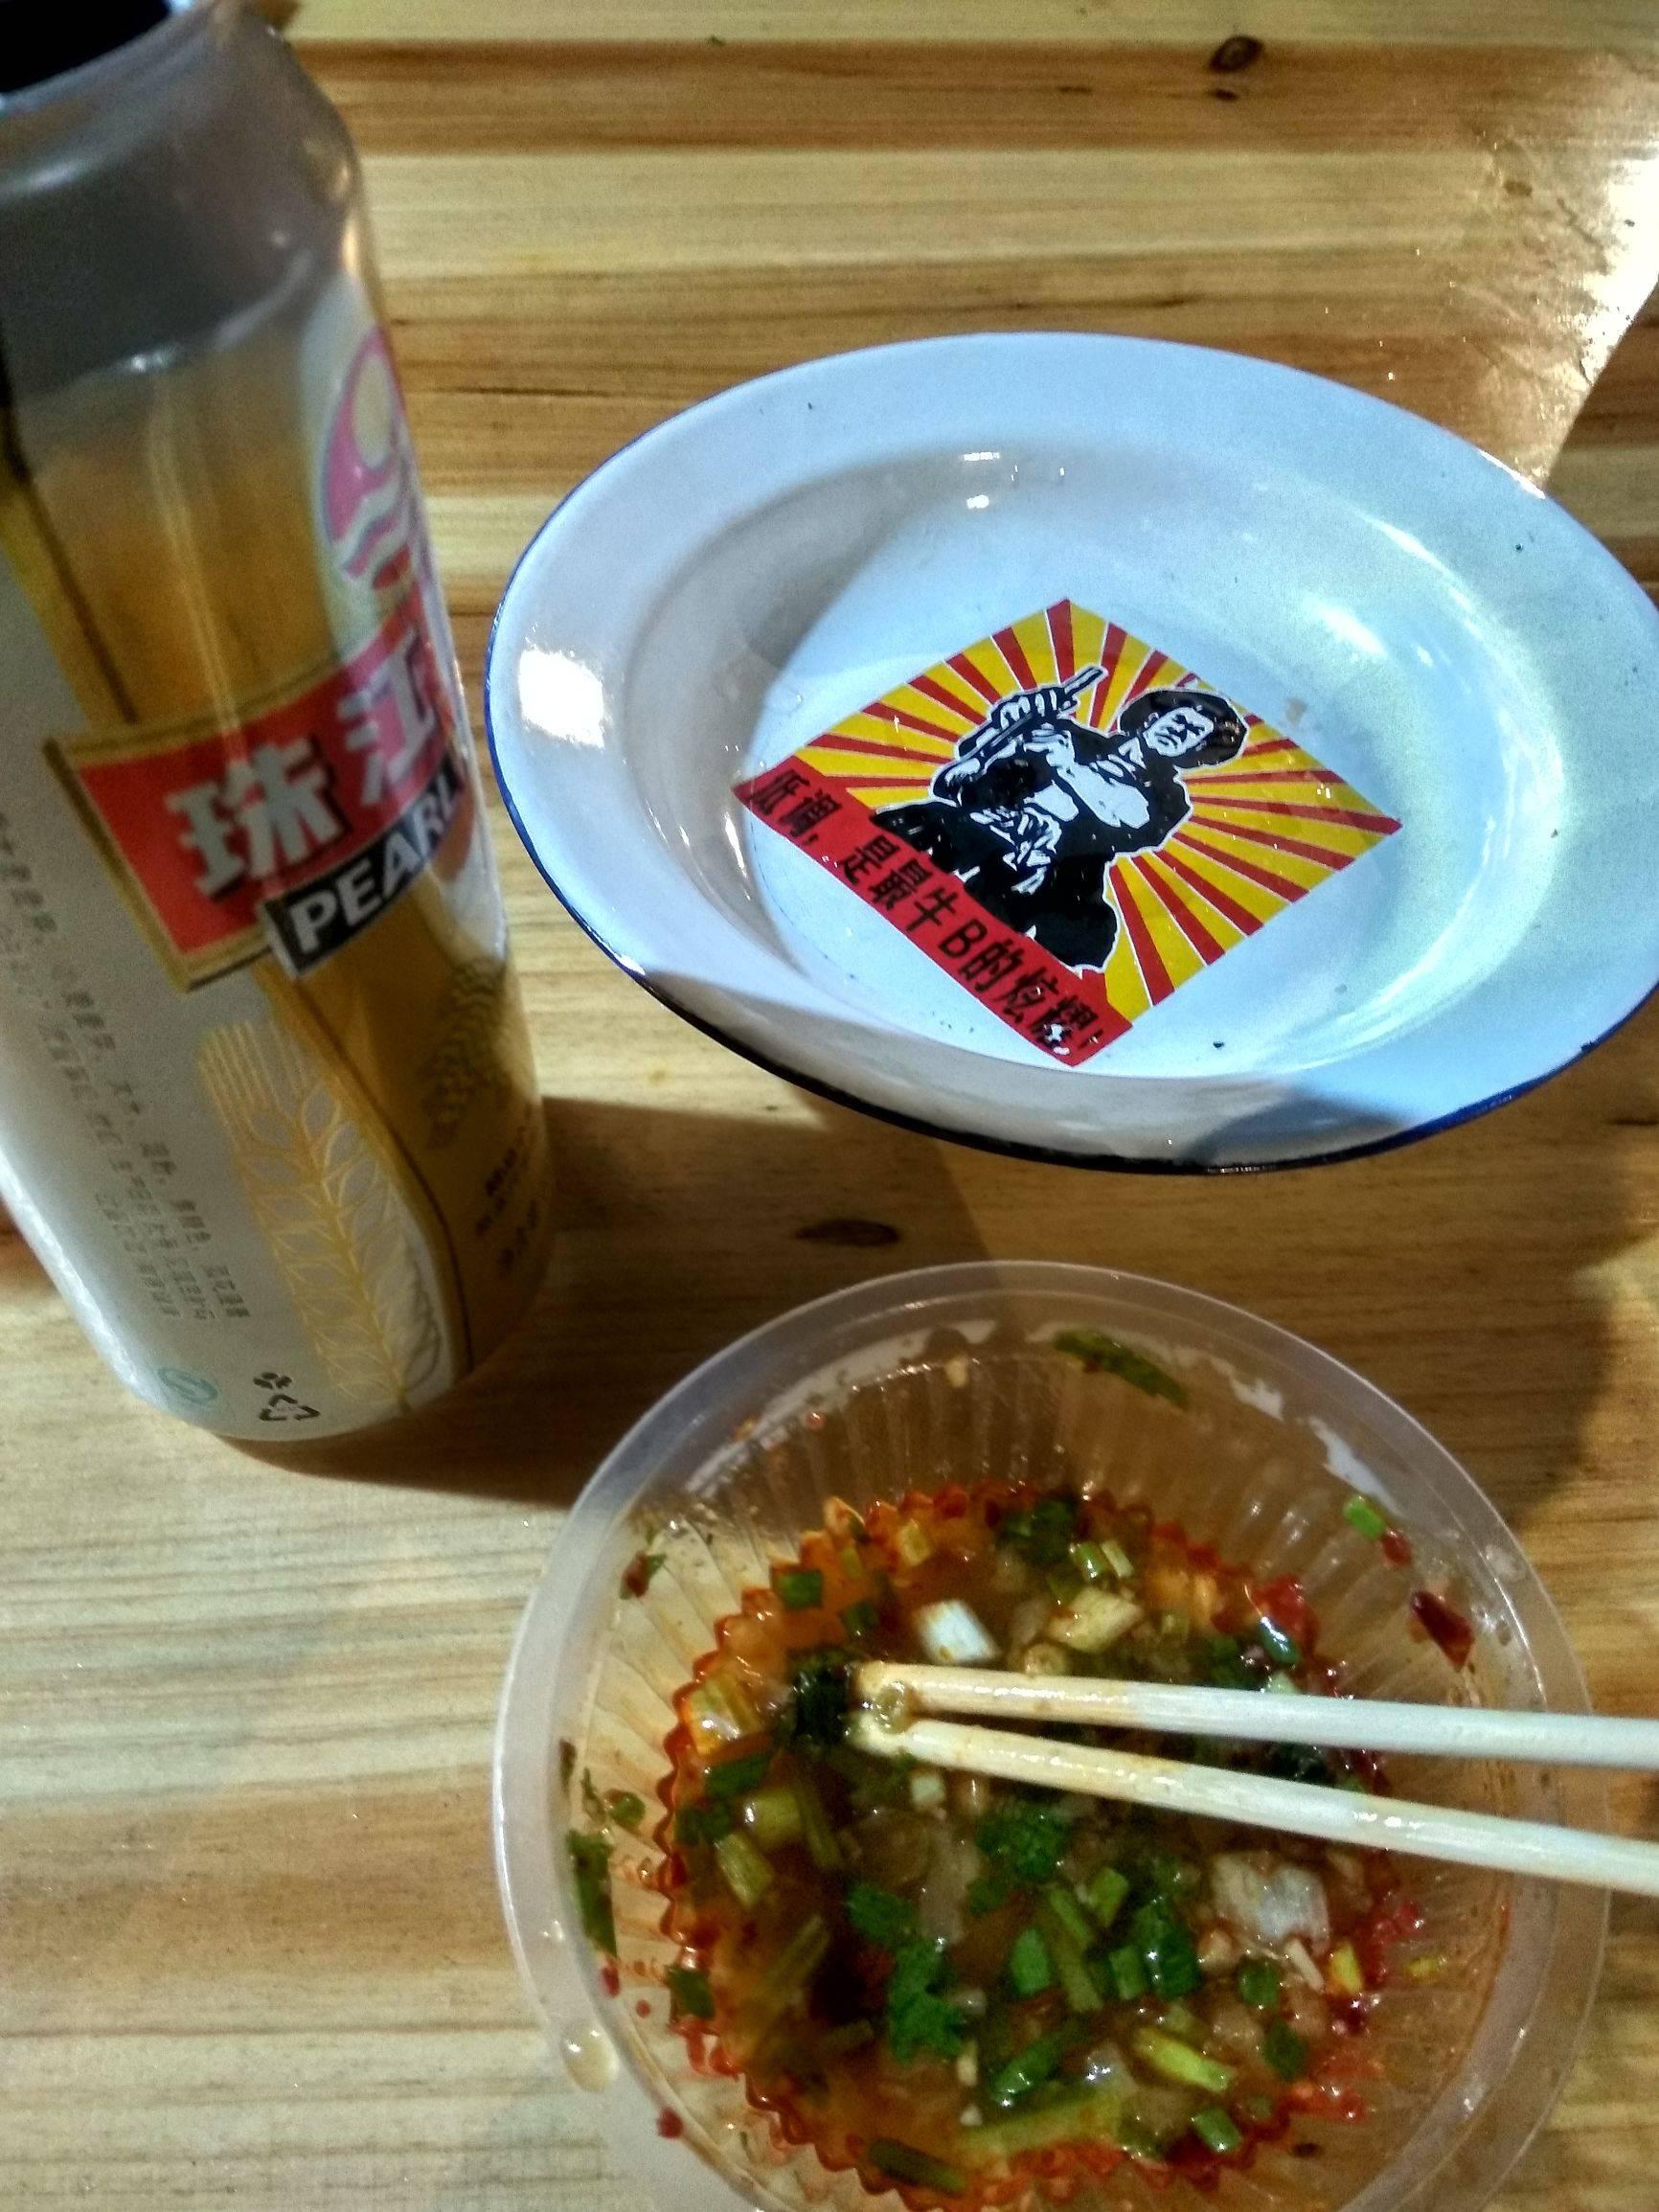 卖臭豆腐的成本和利润(卖臭豆腐的配方是什么)插图(5)